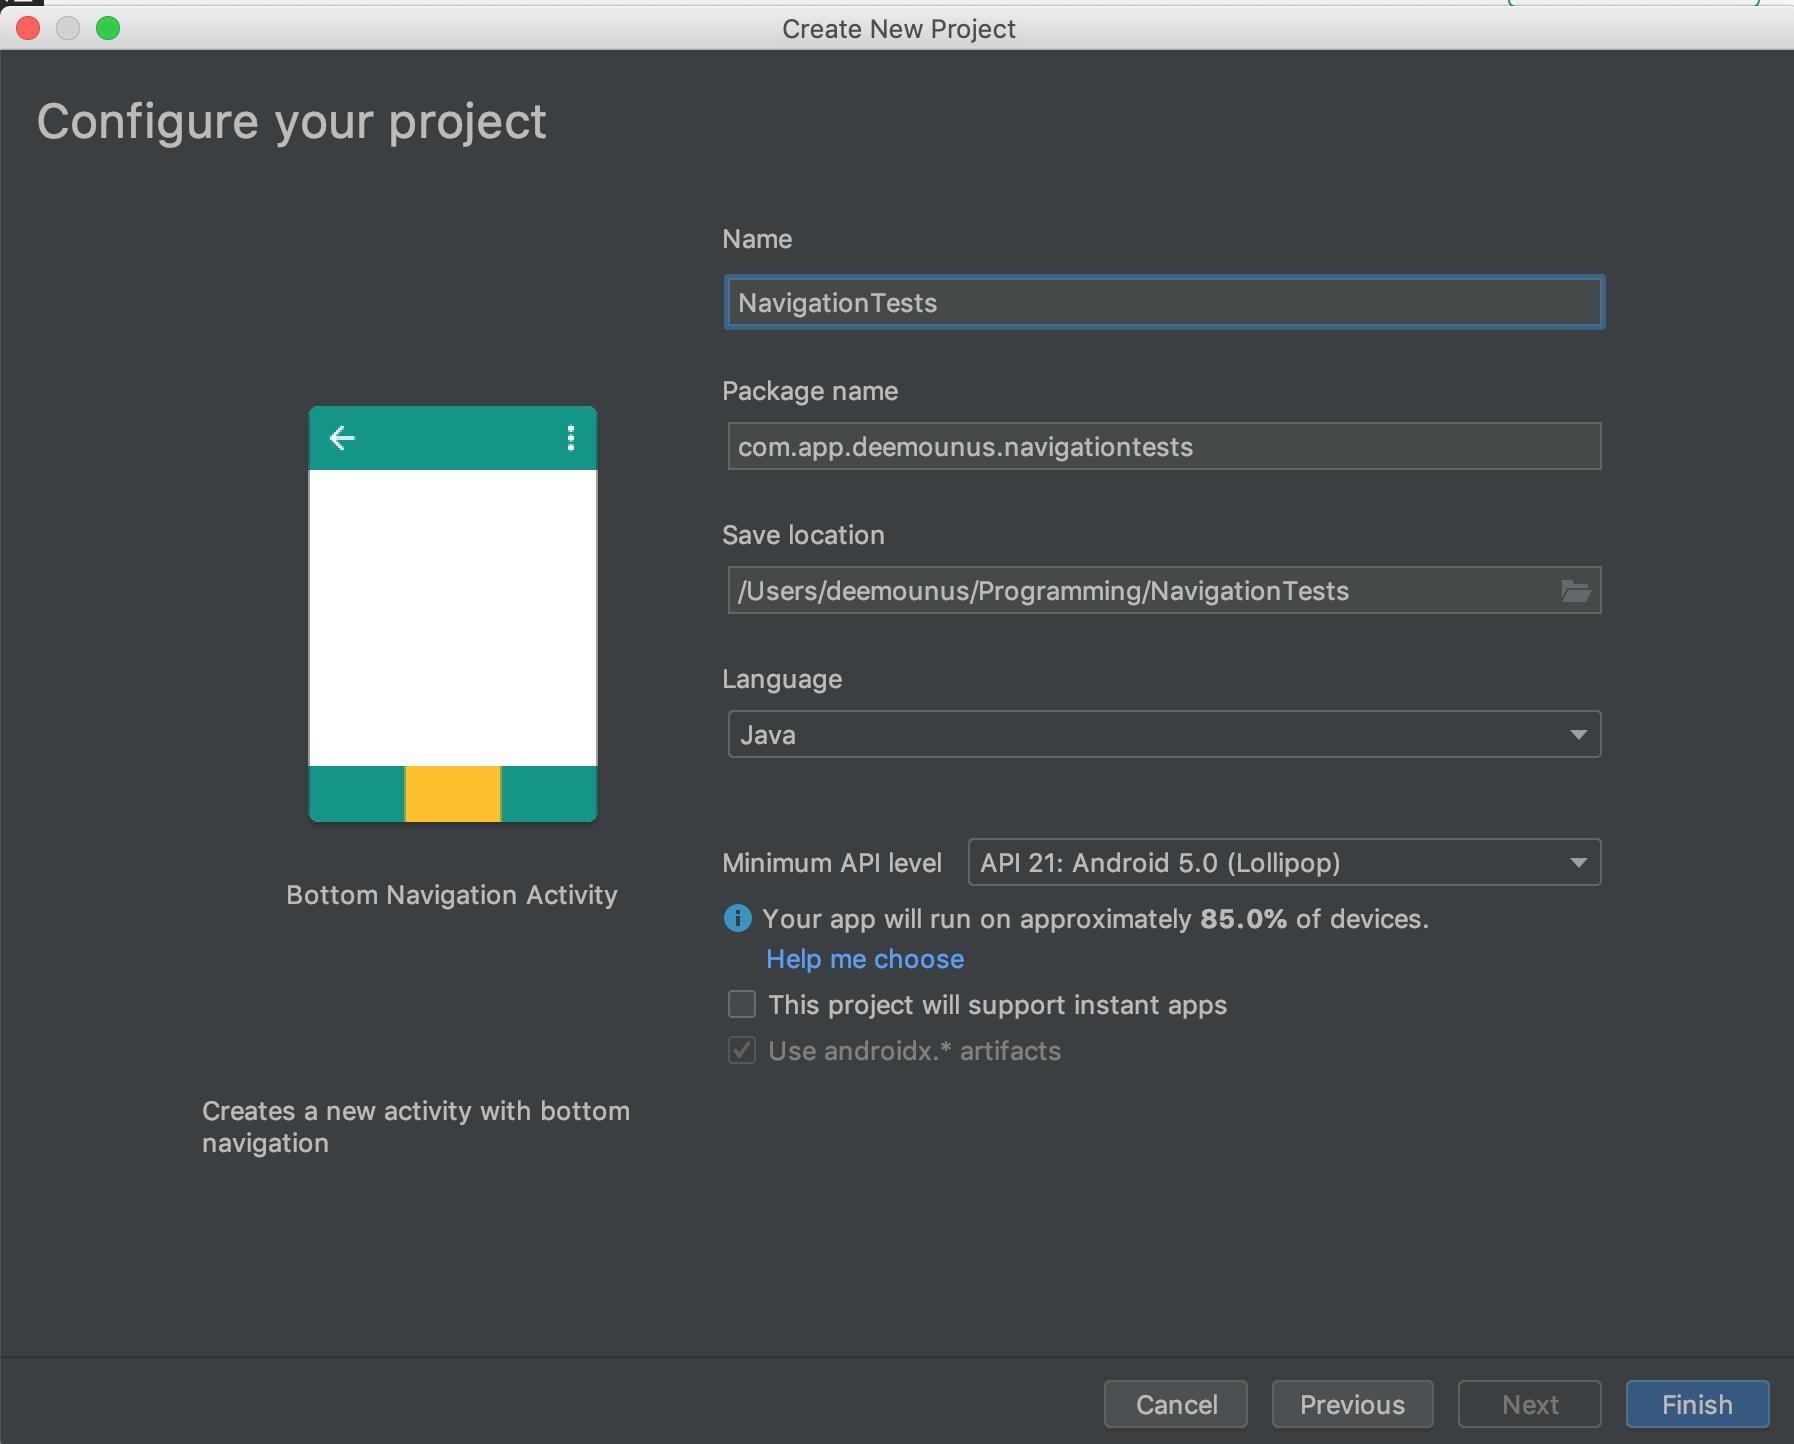 Автоматизация Android. Супер простое руководство по созданию первого Espresso-теста - 3